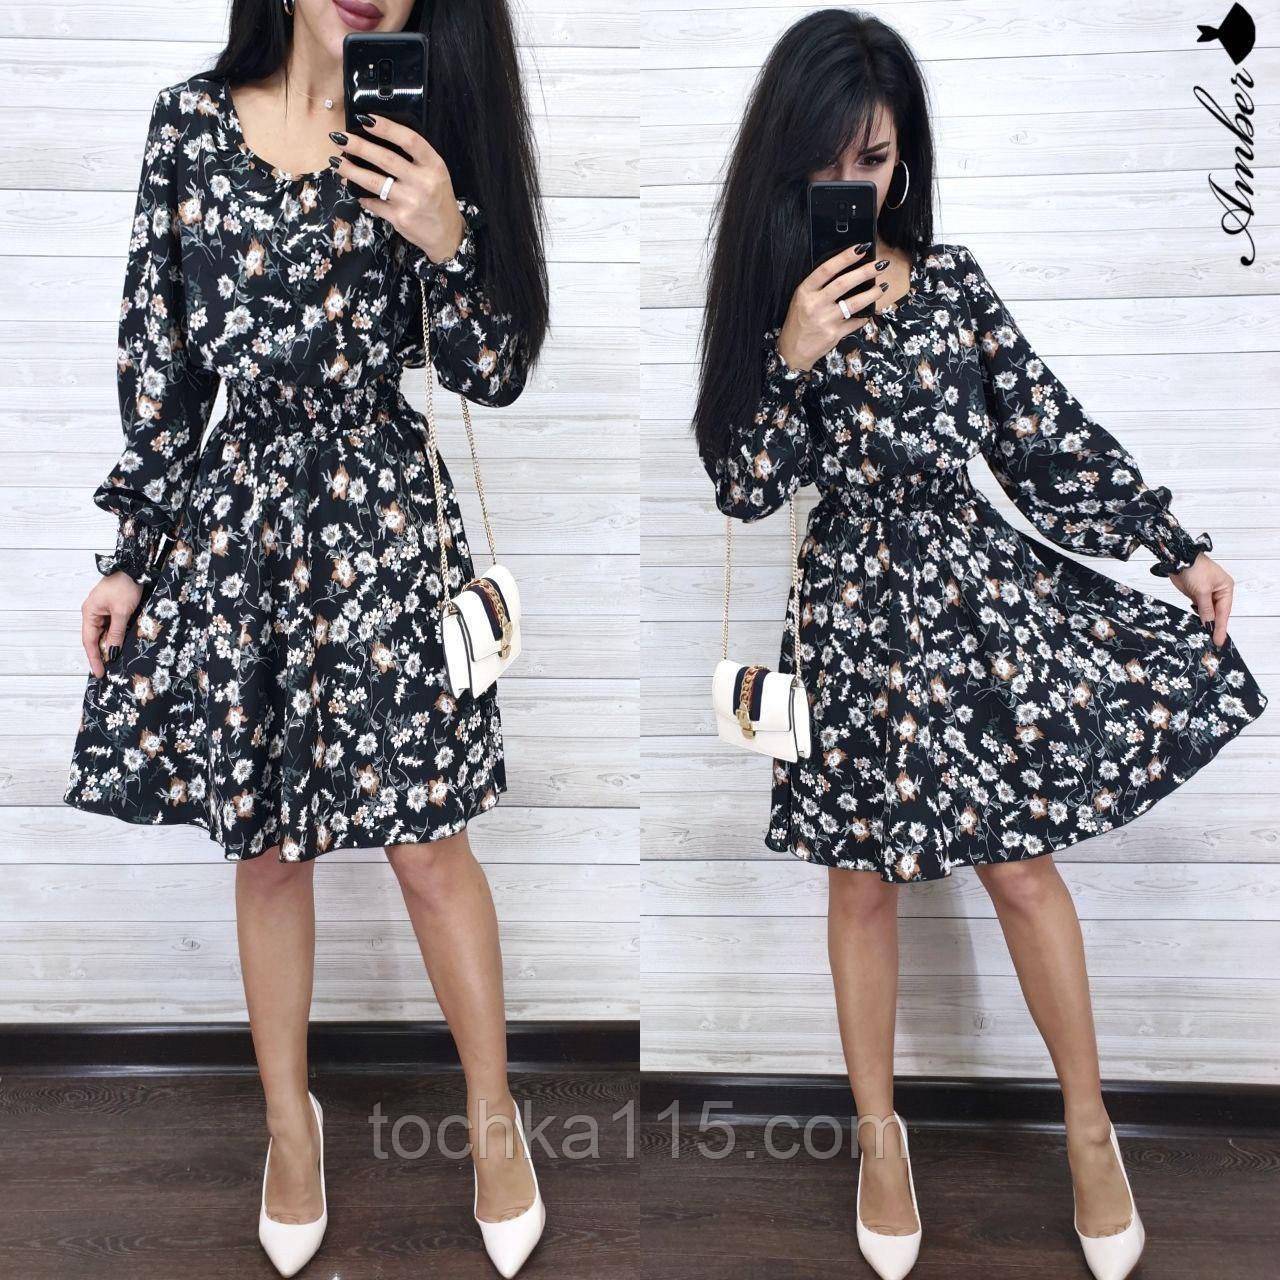 Легкое летнее платье, 42-44, 44-46 рр, черный